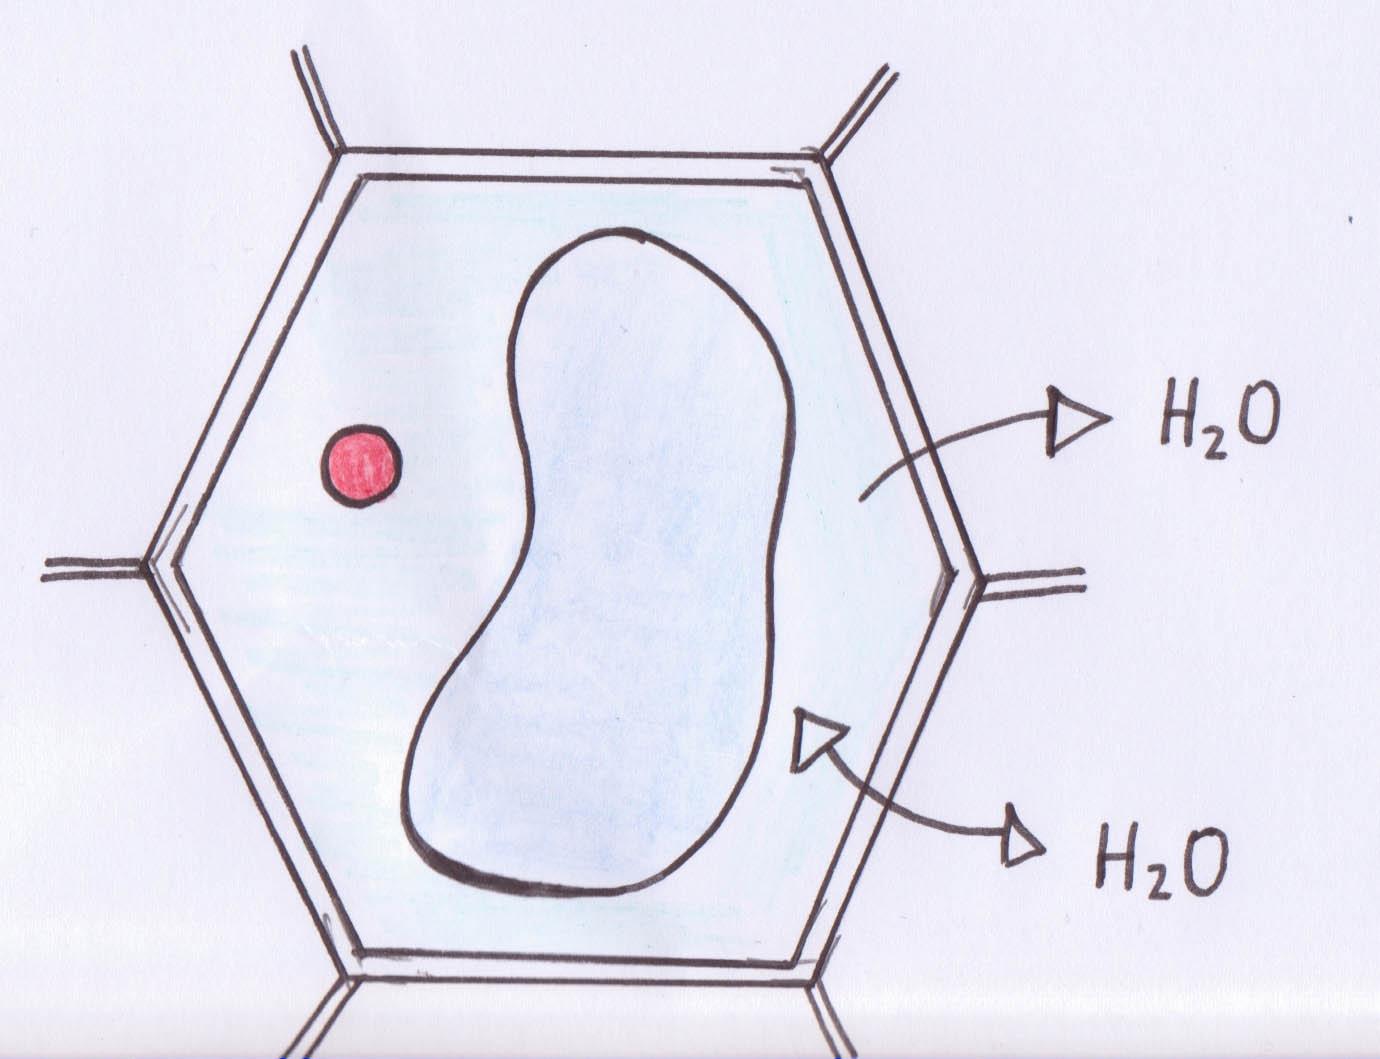 Lösungen bei Zellen: Hypotonisch, Hypertonisch und Isotonisch